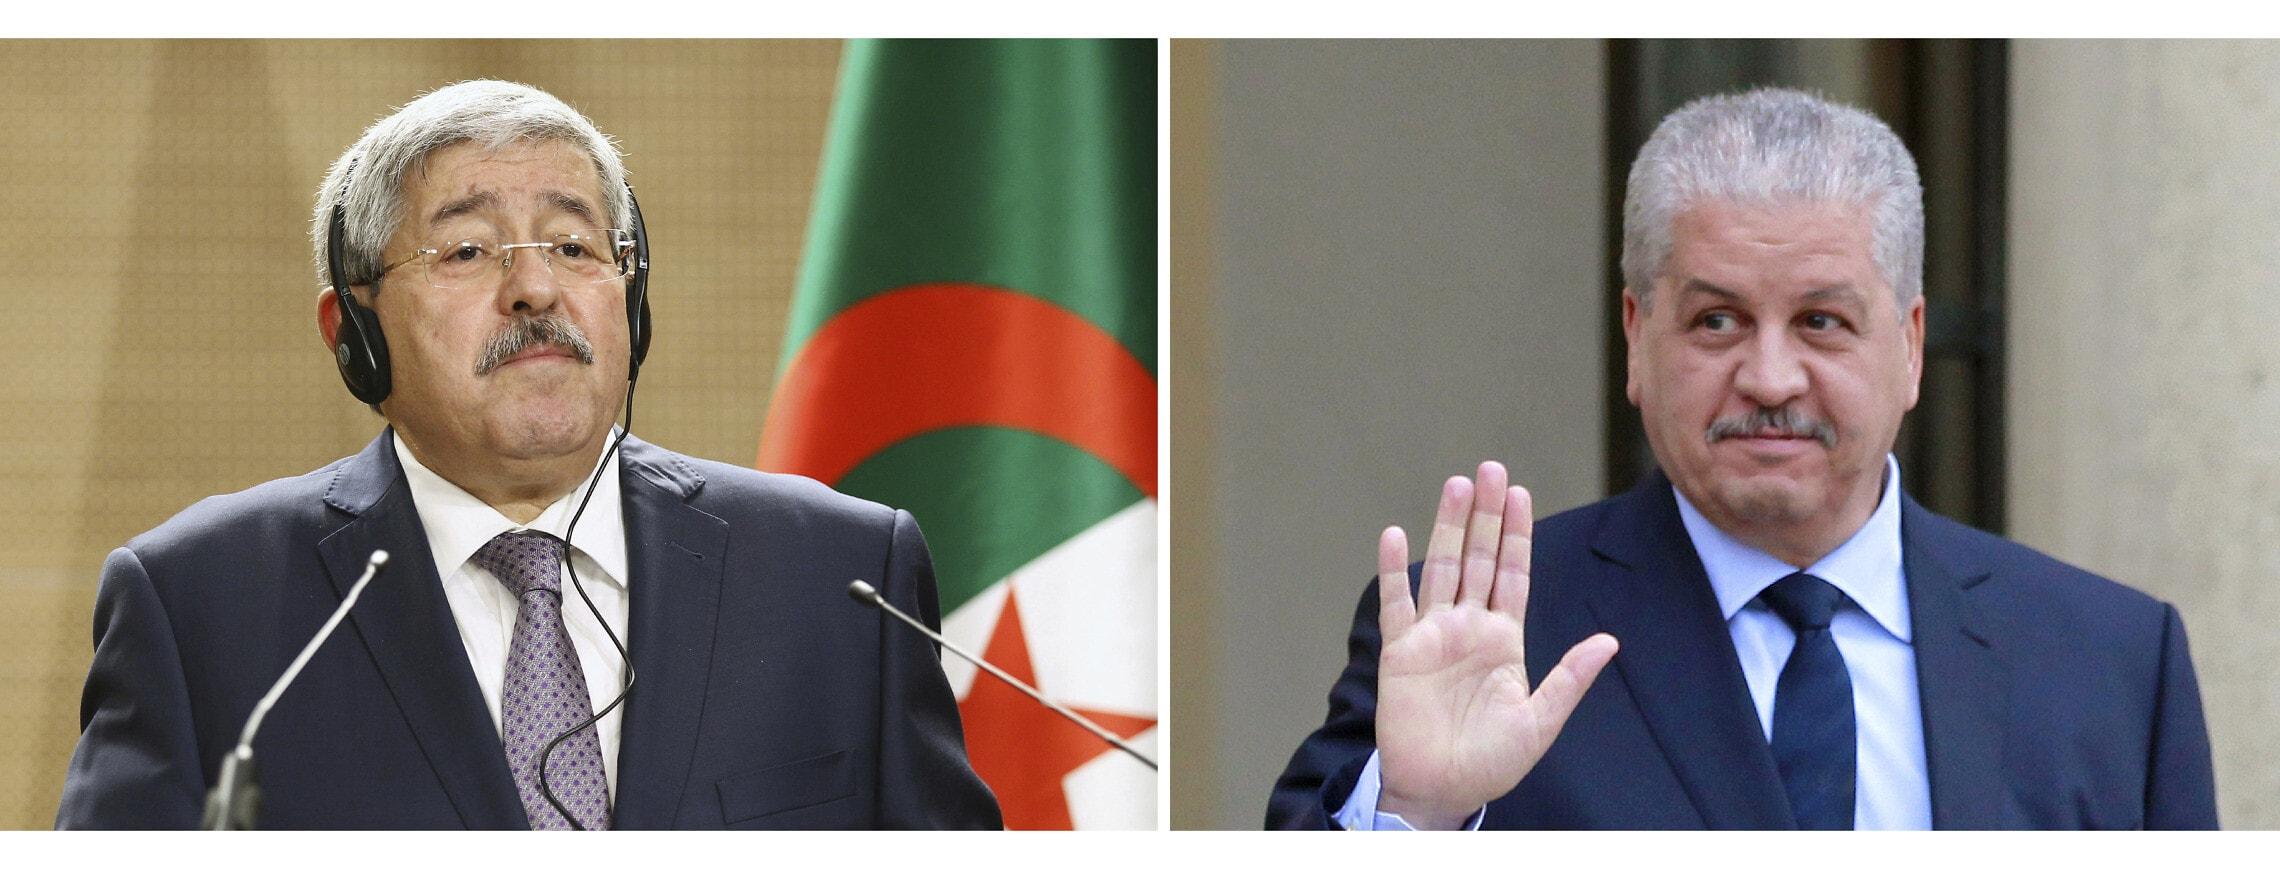 ראשי הממשלה לשעבר של אלג'יריה עבד אל-מאלכ סלאל ואחמד אויחיא (צילום: AP Photo/Anis Belghoul, Remy de la Mauviniere, Files)